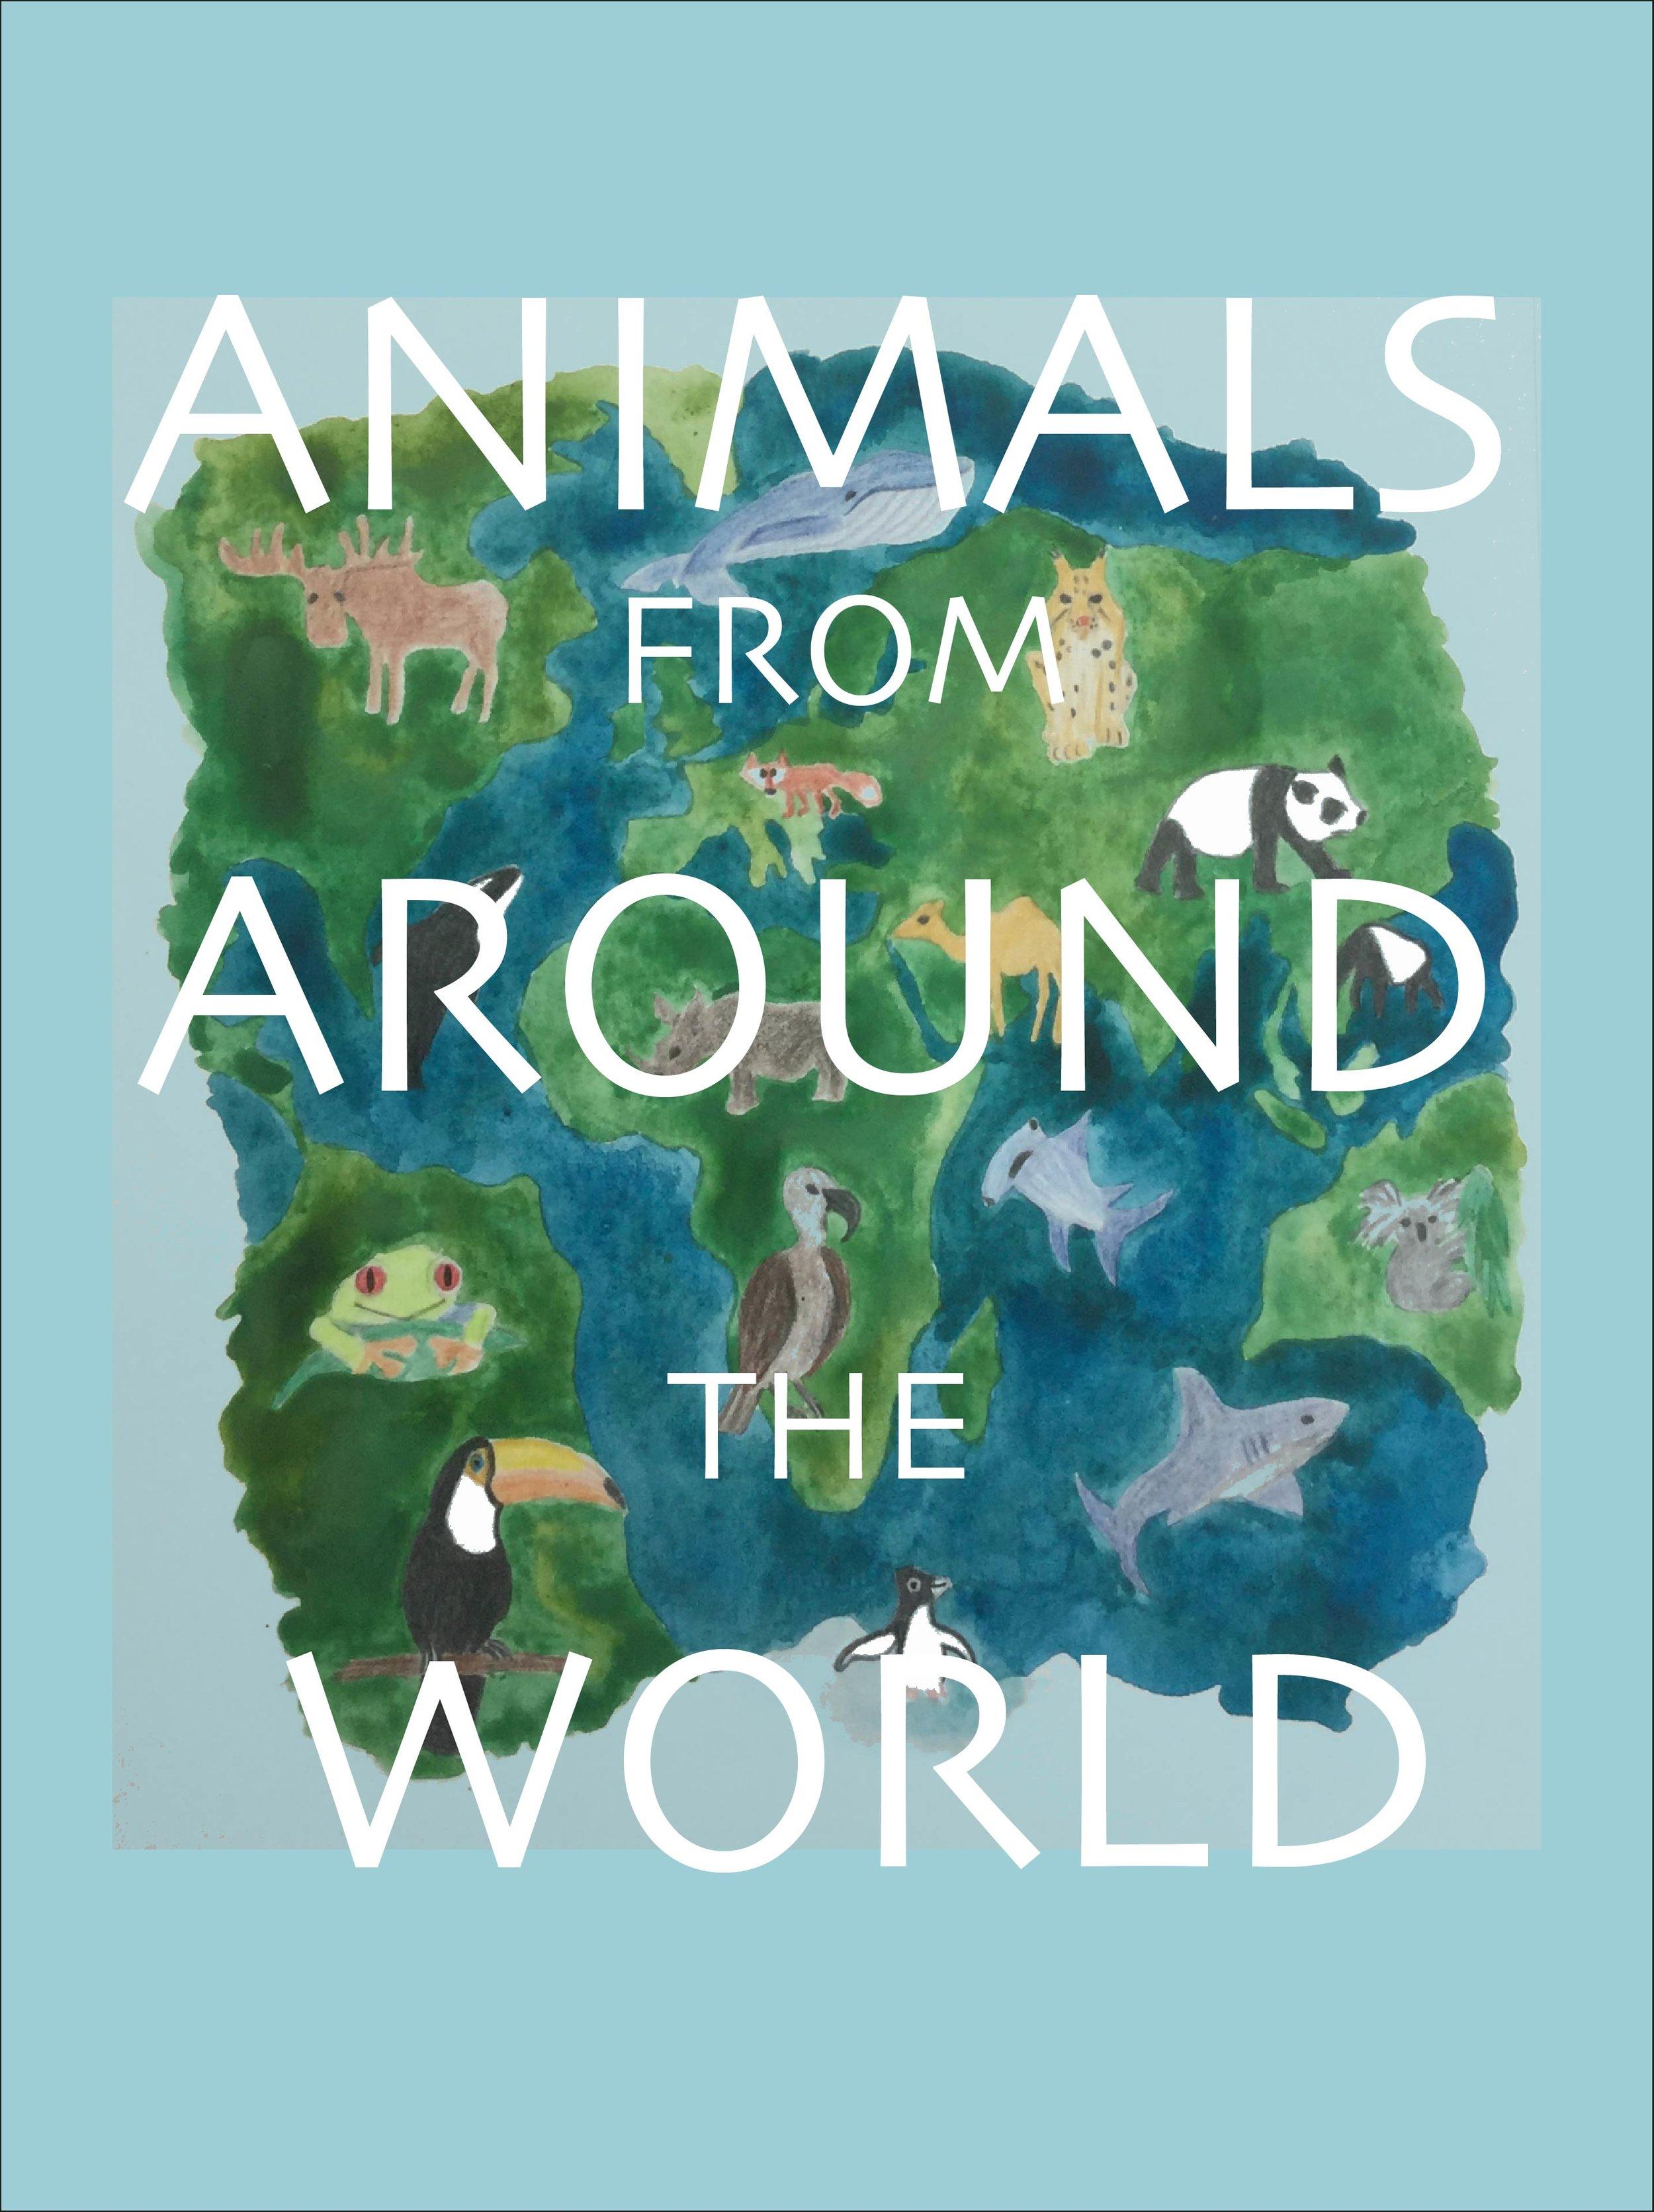 ANIMAL COVER 2E-01.jpg